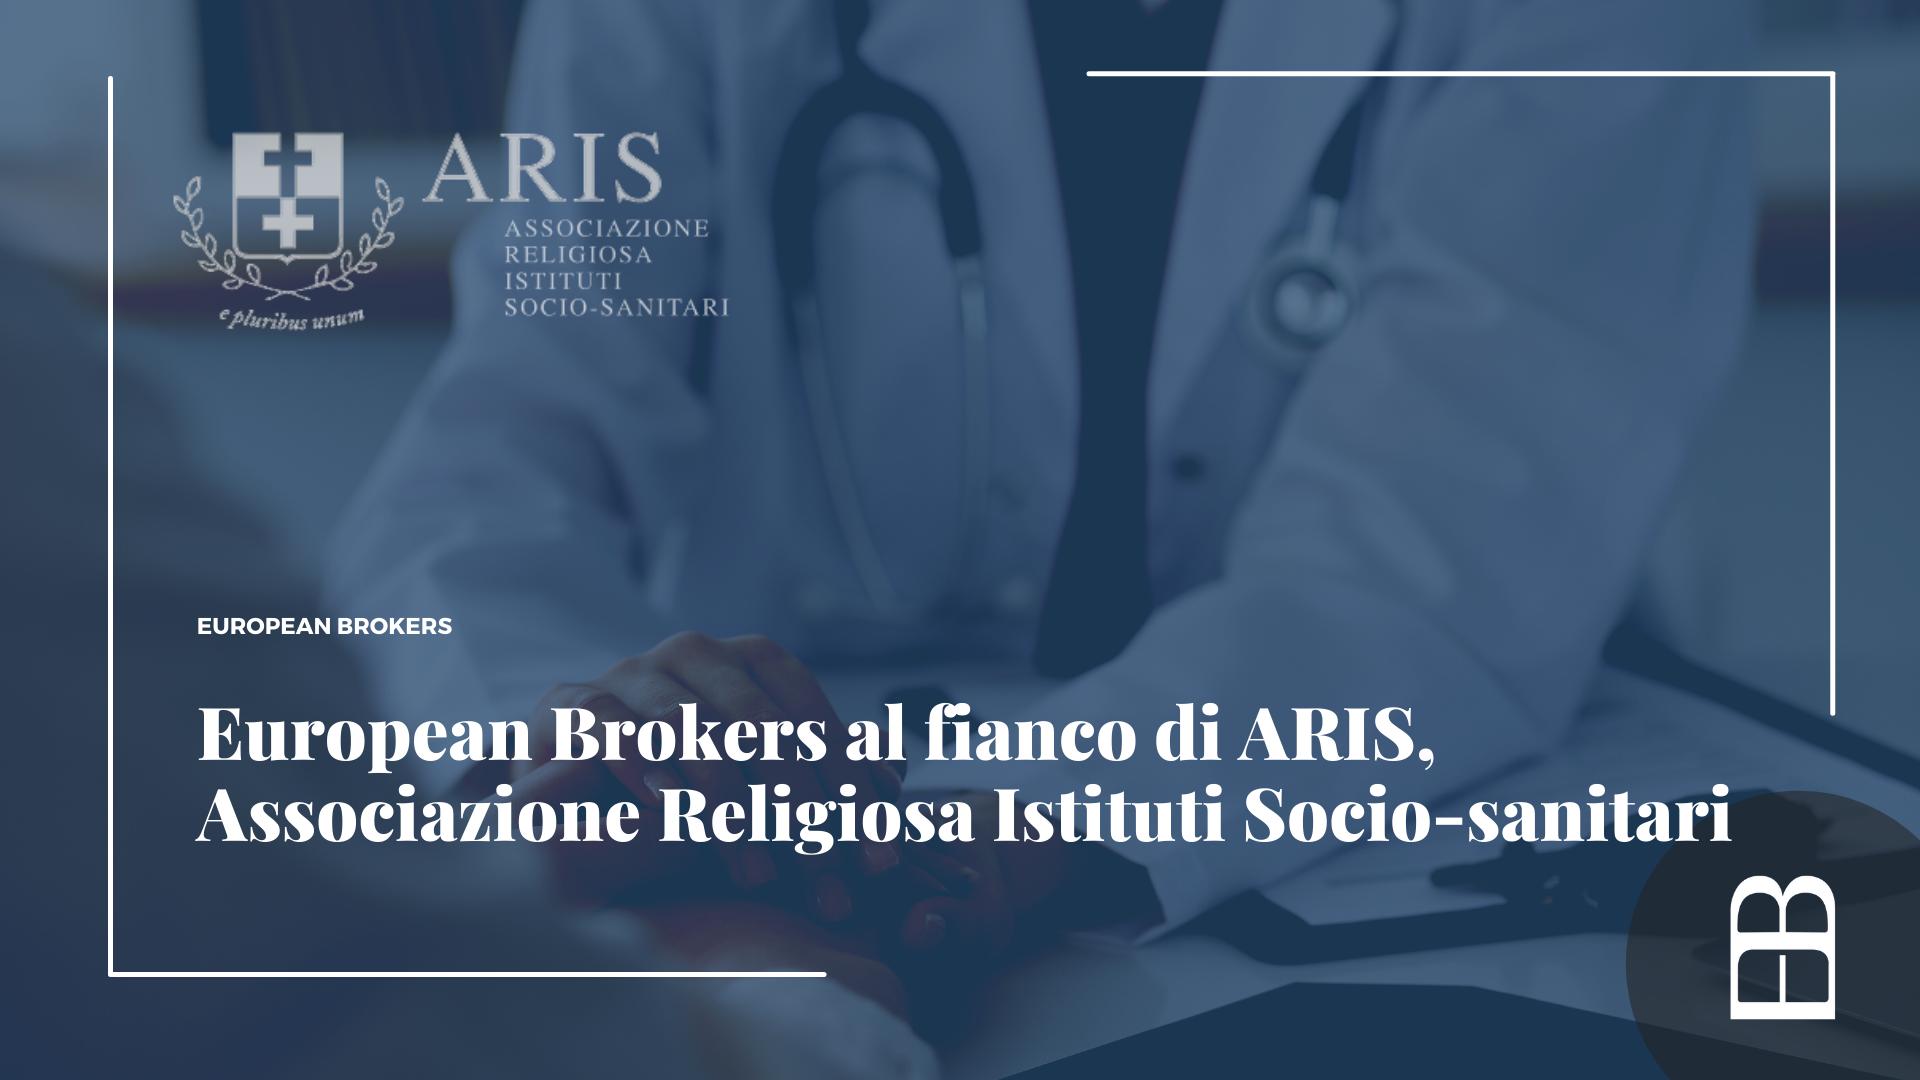 aris european brokers